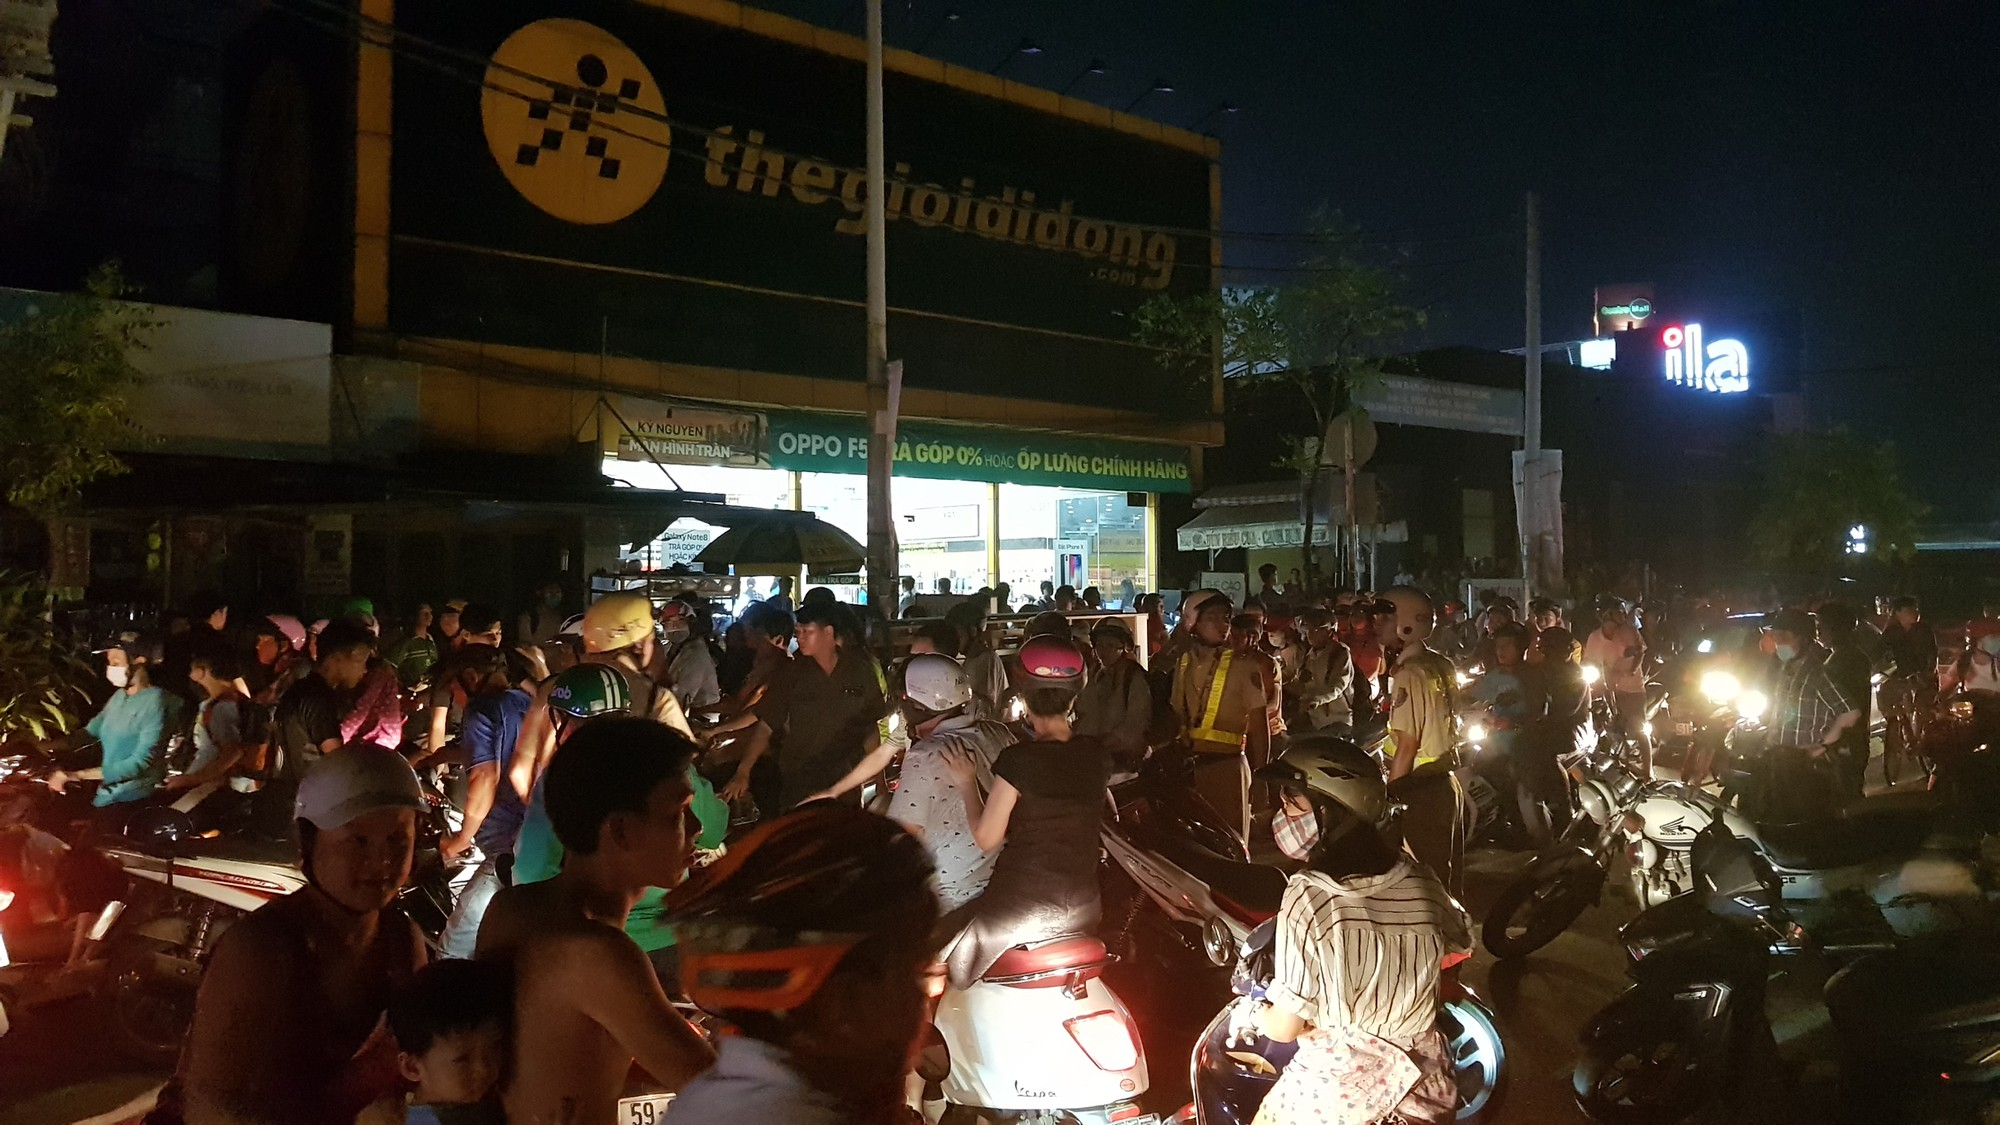 Quán lẩu dê ở Sài Gòn phát hoả, hàng trăm thực khách tháo chạy tán loạn - Ảnh 5.